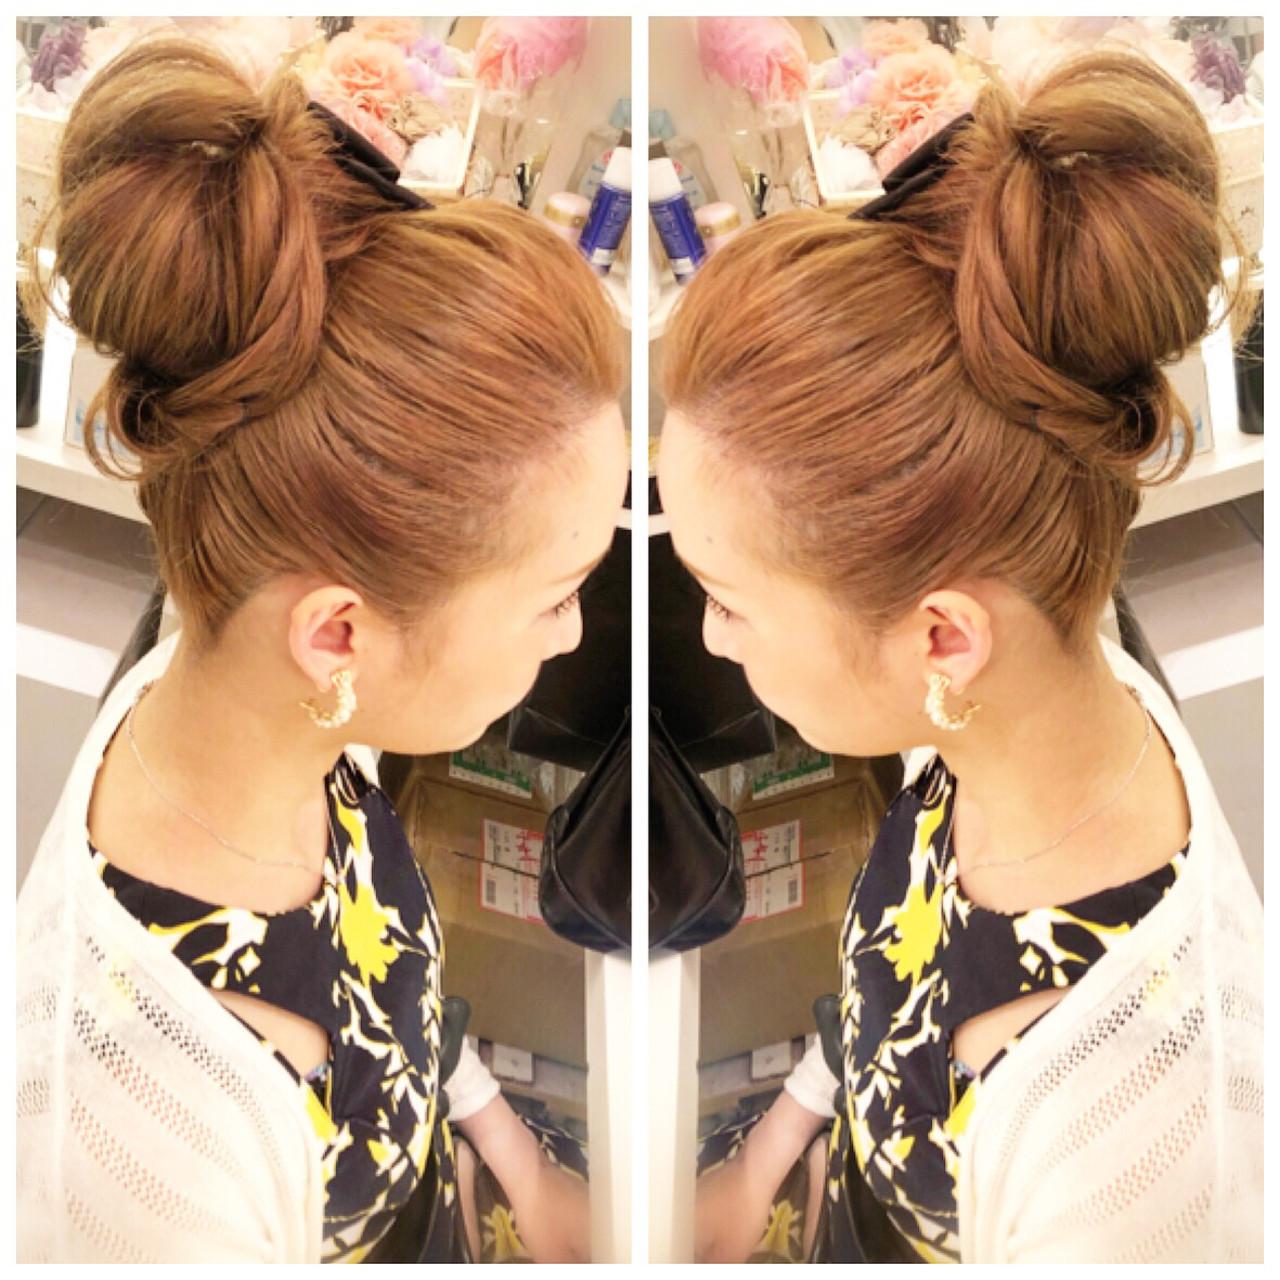 簡単ヘアアレンジ ヘアアレンジ ナチュラル ロング ヘアスタイルや髪型の写真・画像 | Amico/佐藤 友理 / amico